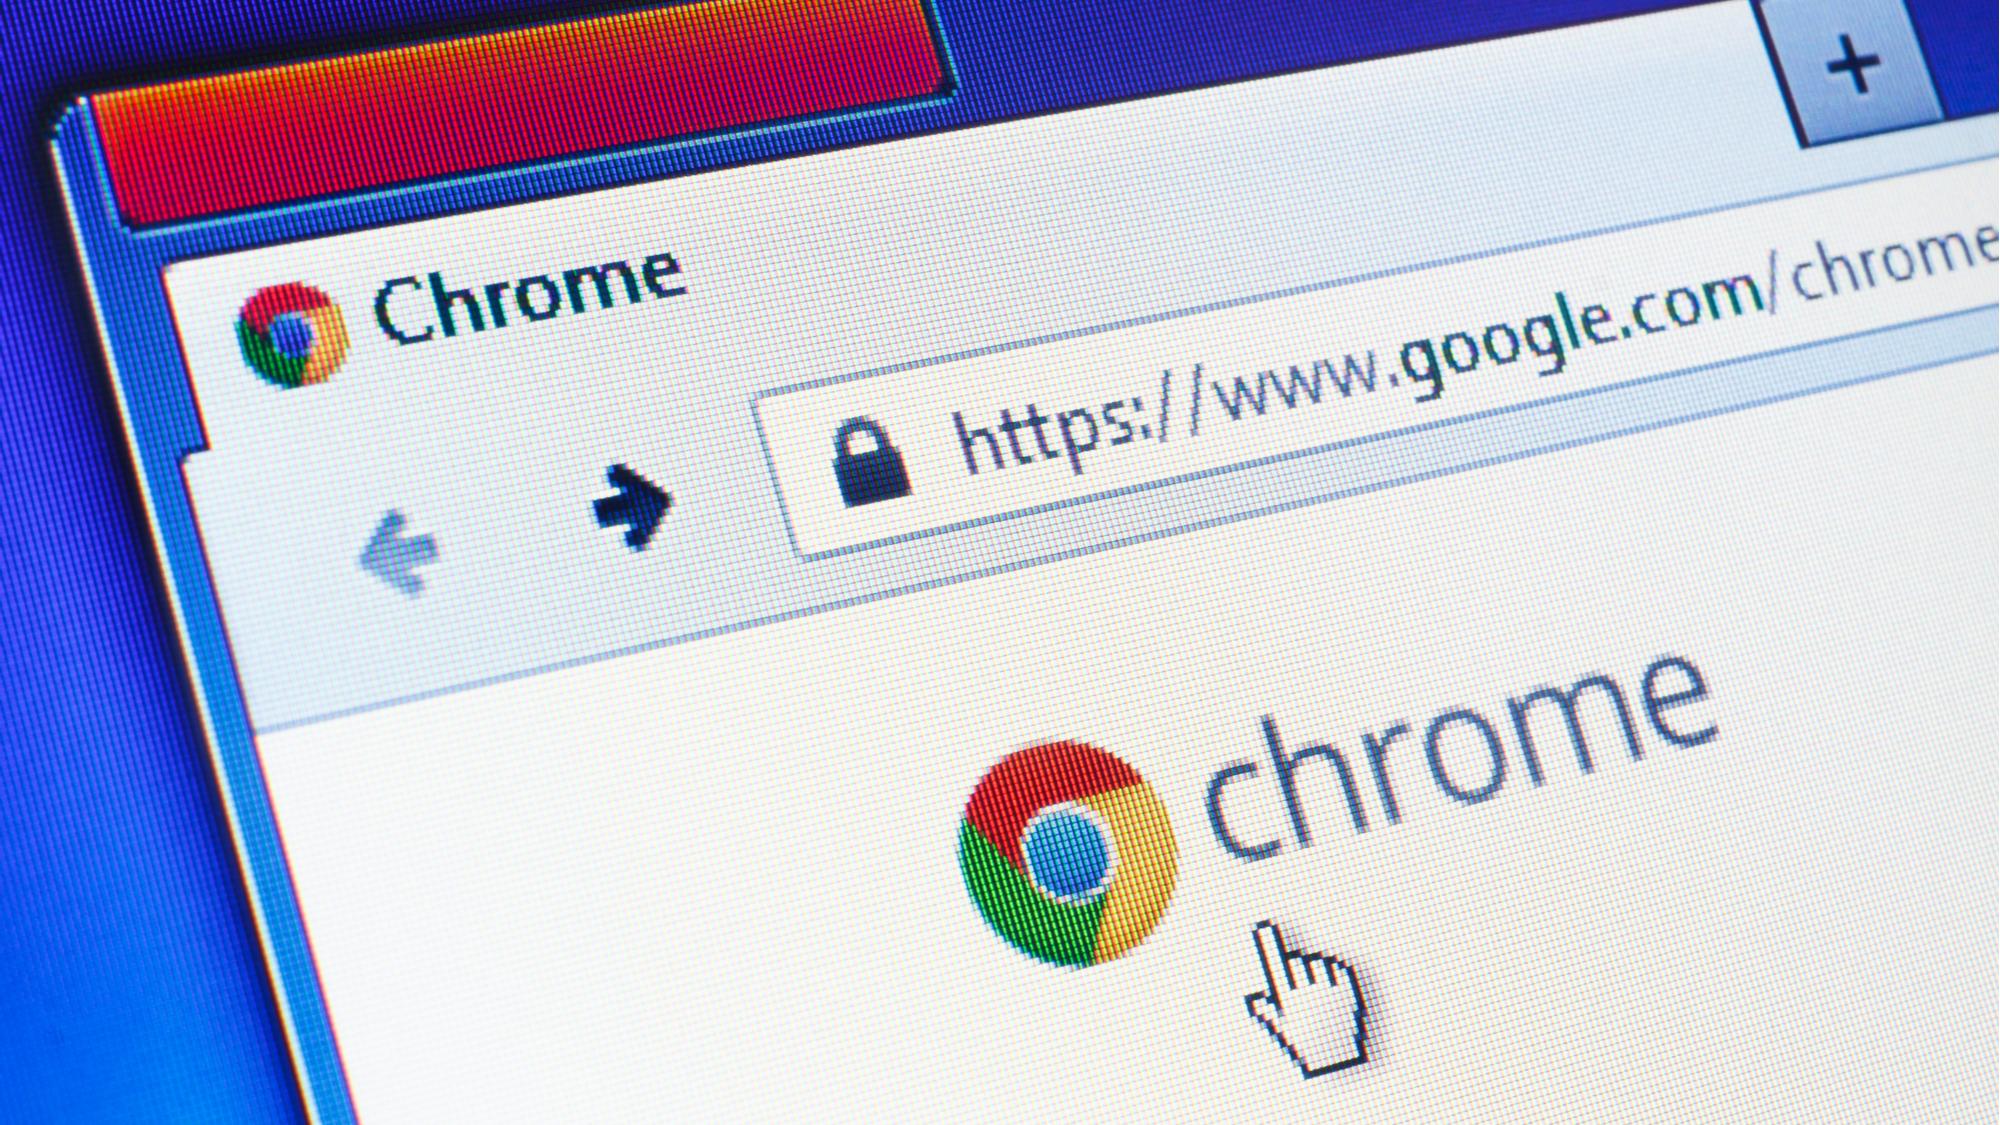 Создатели вредоносного ПО научились обходить улучшенное шифрование паролей в Chrome 80